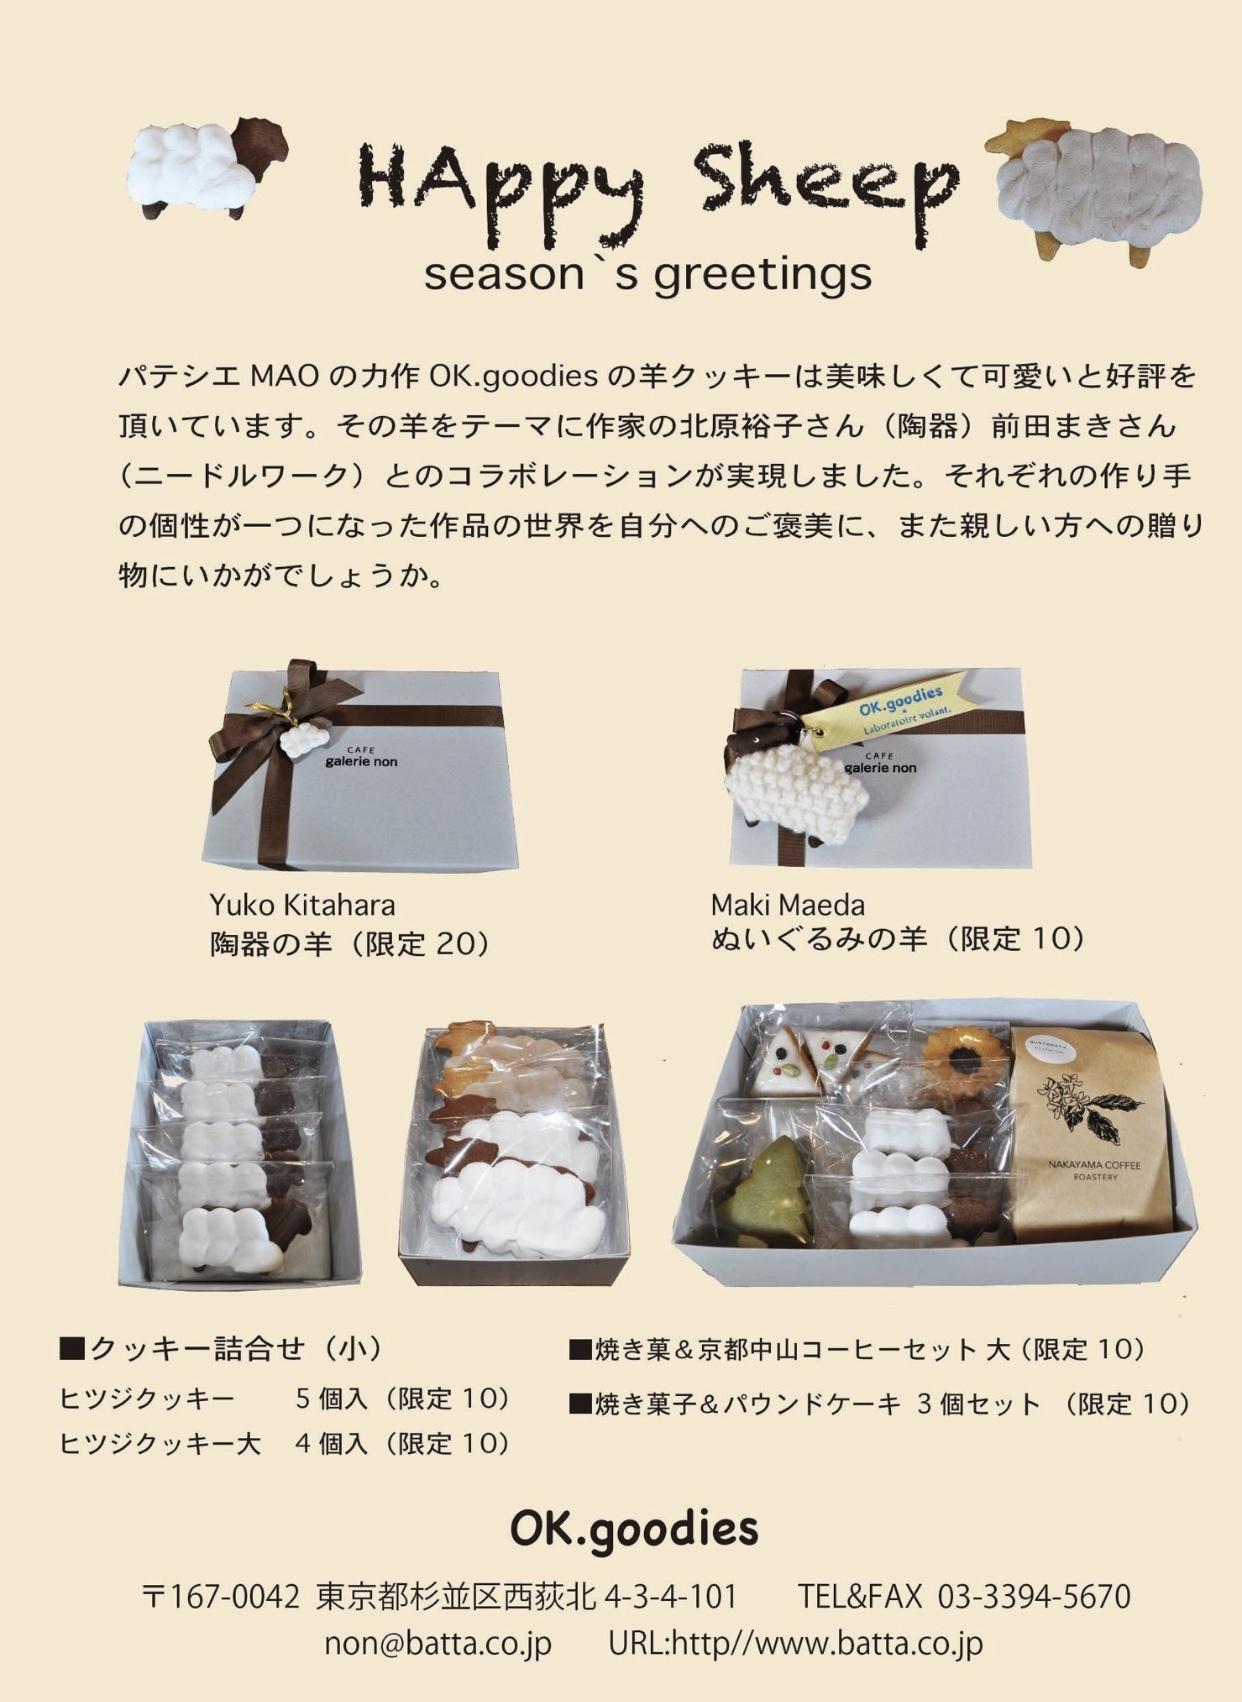 ひつじクッキーチャーム🐏付きクリスマスボックス販売中🎄@西荻窪ギャルリーノン_a0137727_20475315.jpeg